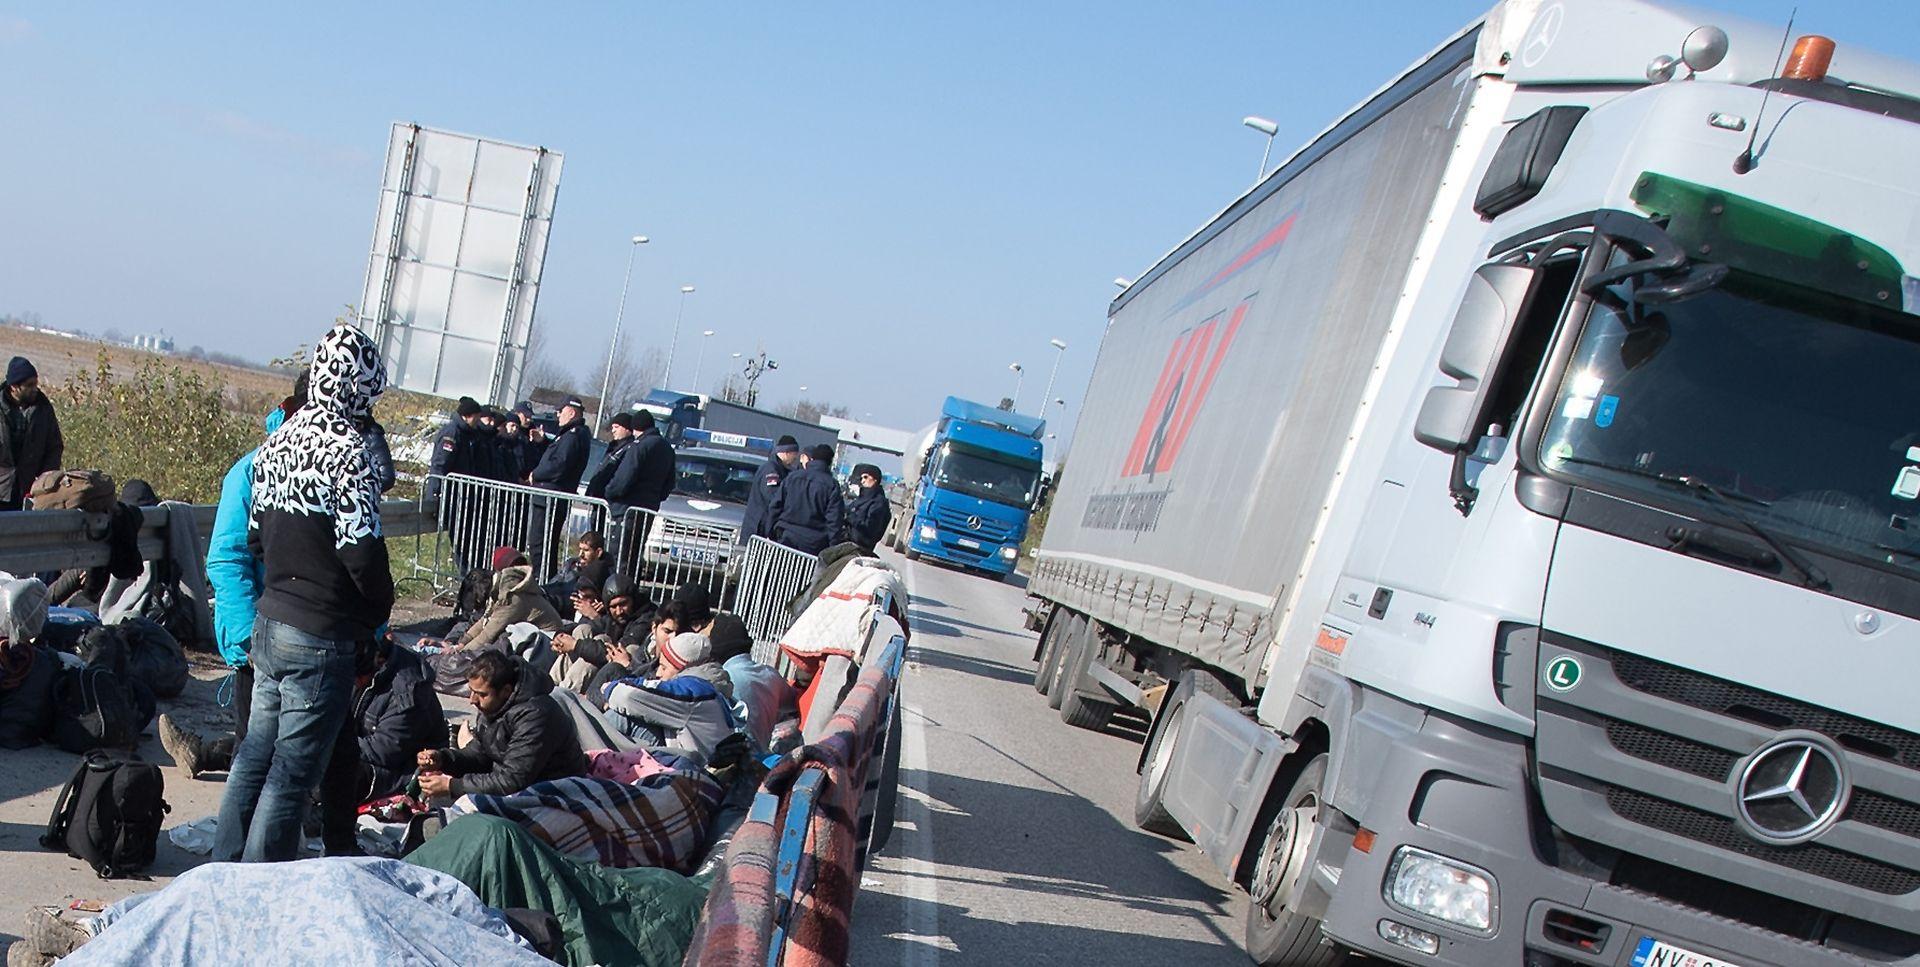 UTVRĐIVANJE IDENTITETA: Pronađeni imigranti u parkiranom kamionu na Jankomiru